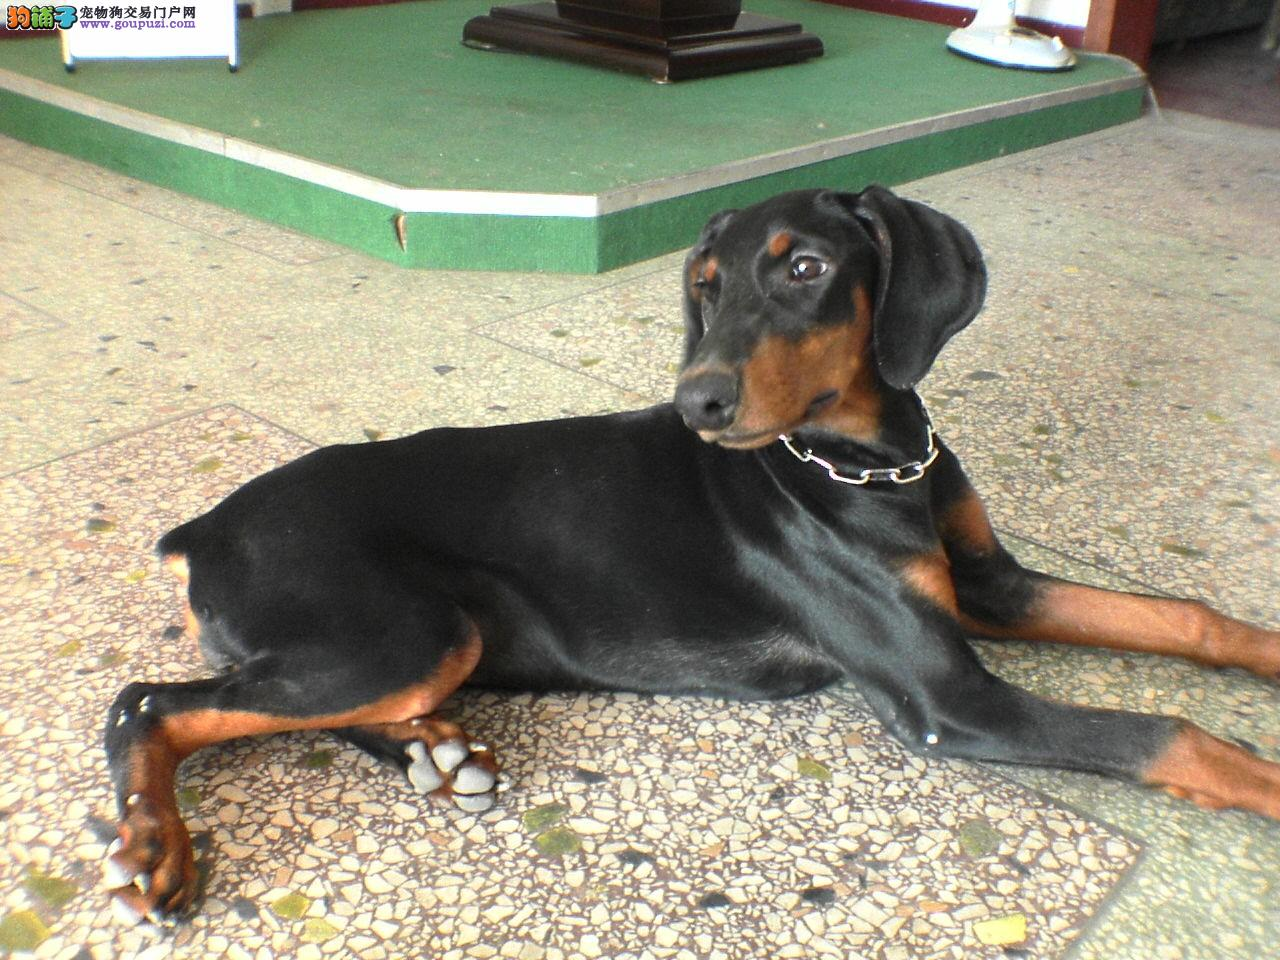 德宏州出售杜宾犬公母都有品质一流终身售后保障